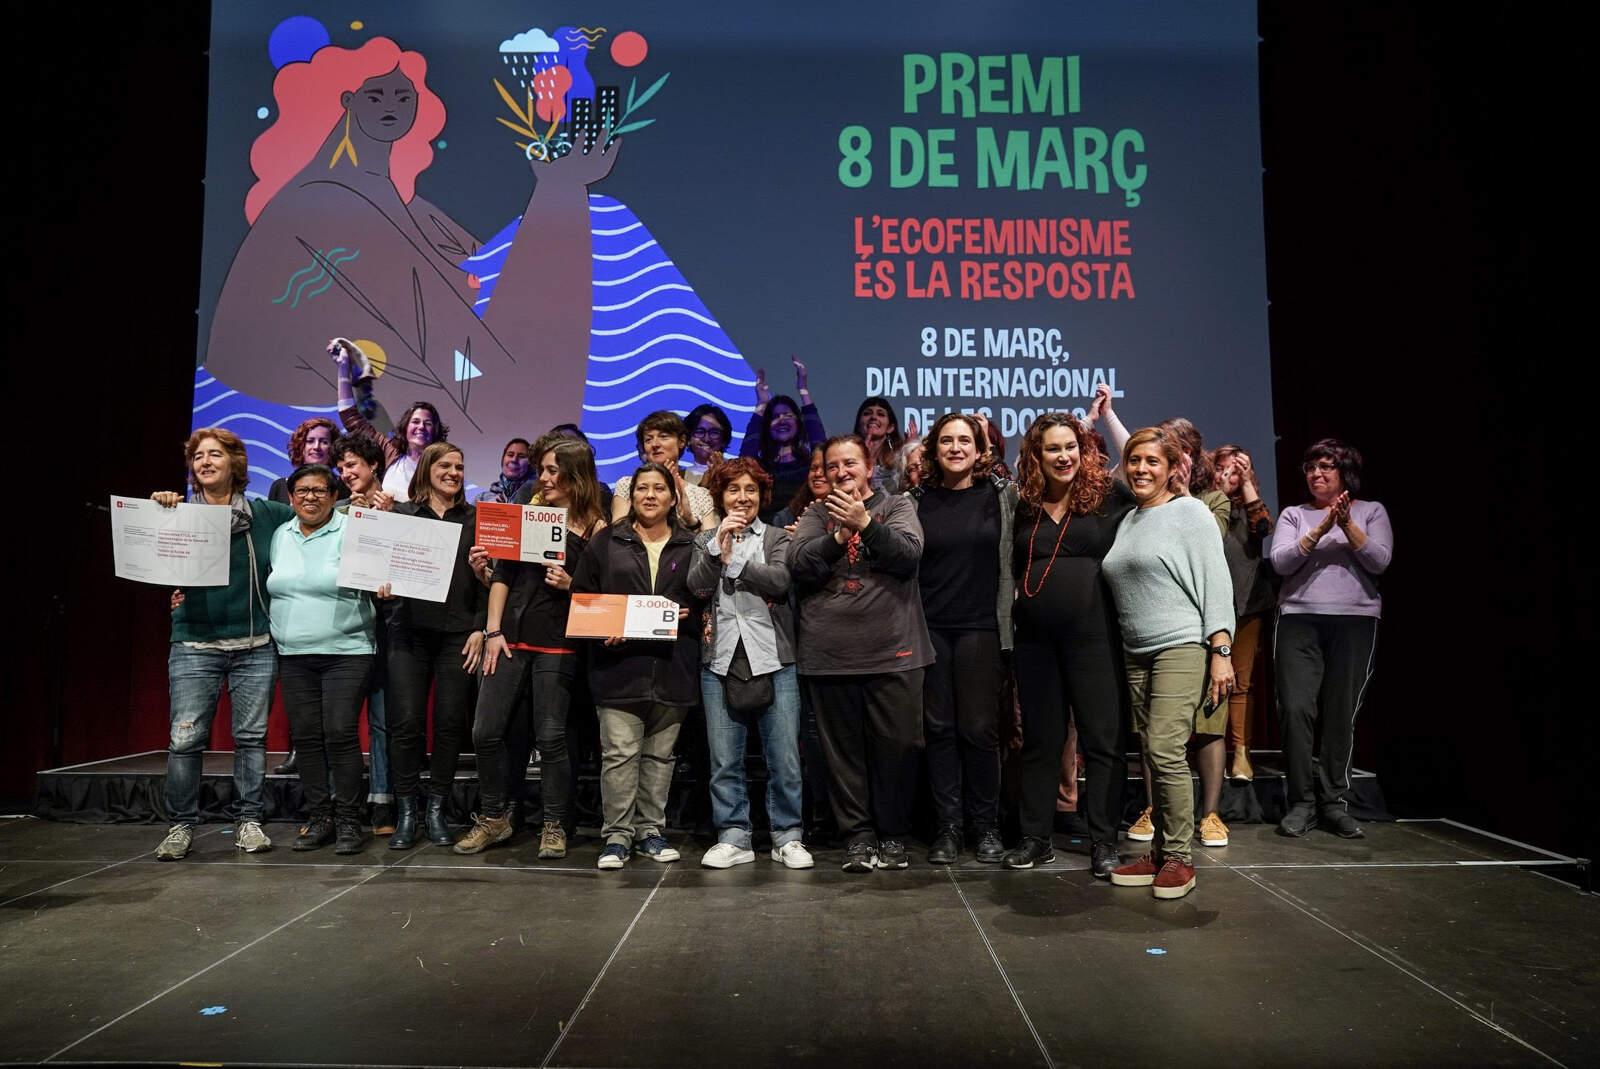 L'entrega del Premi 8 de Març